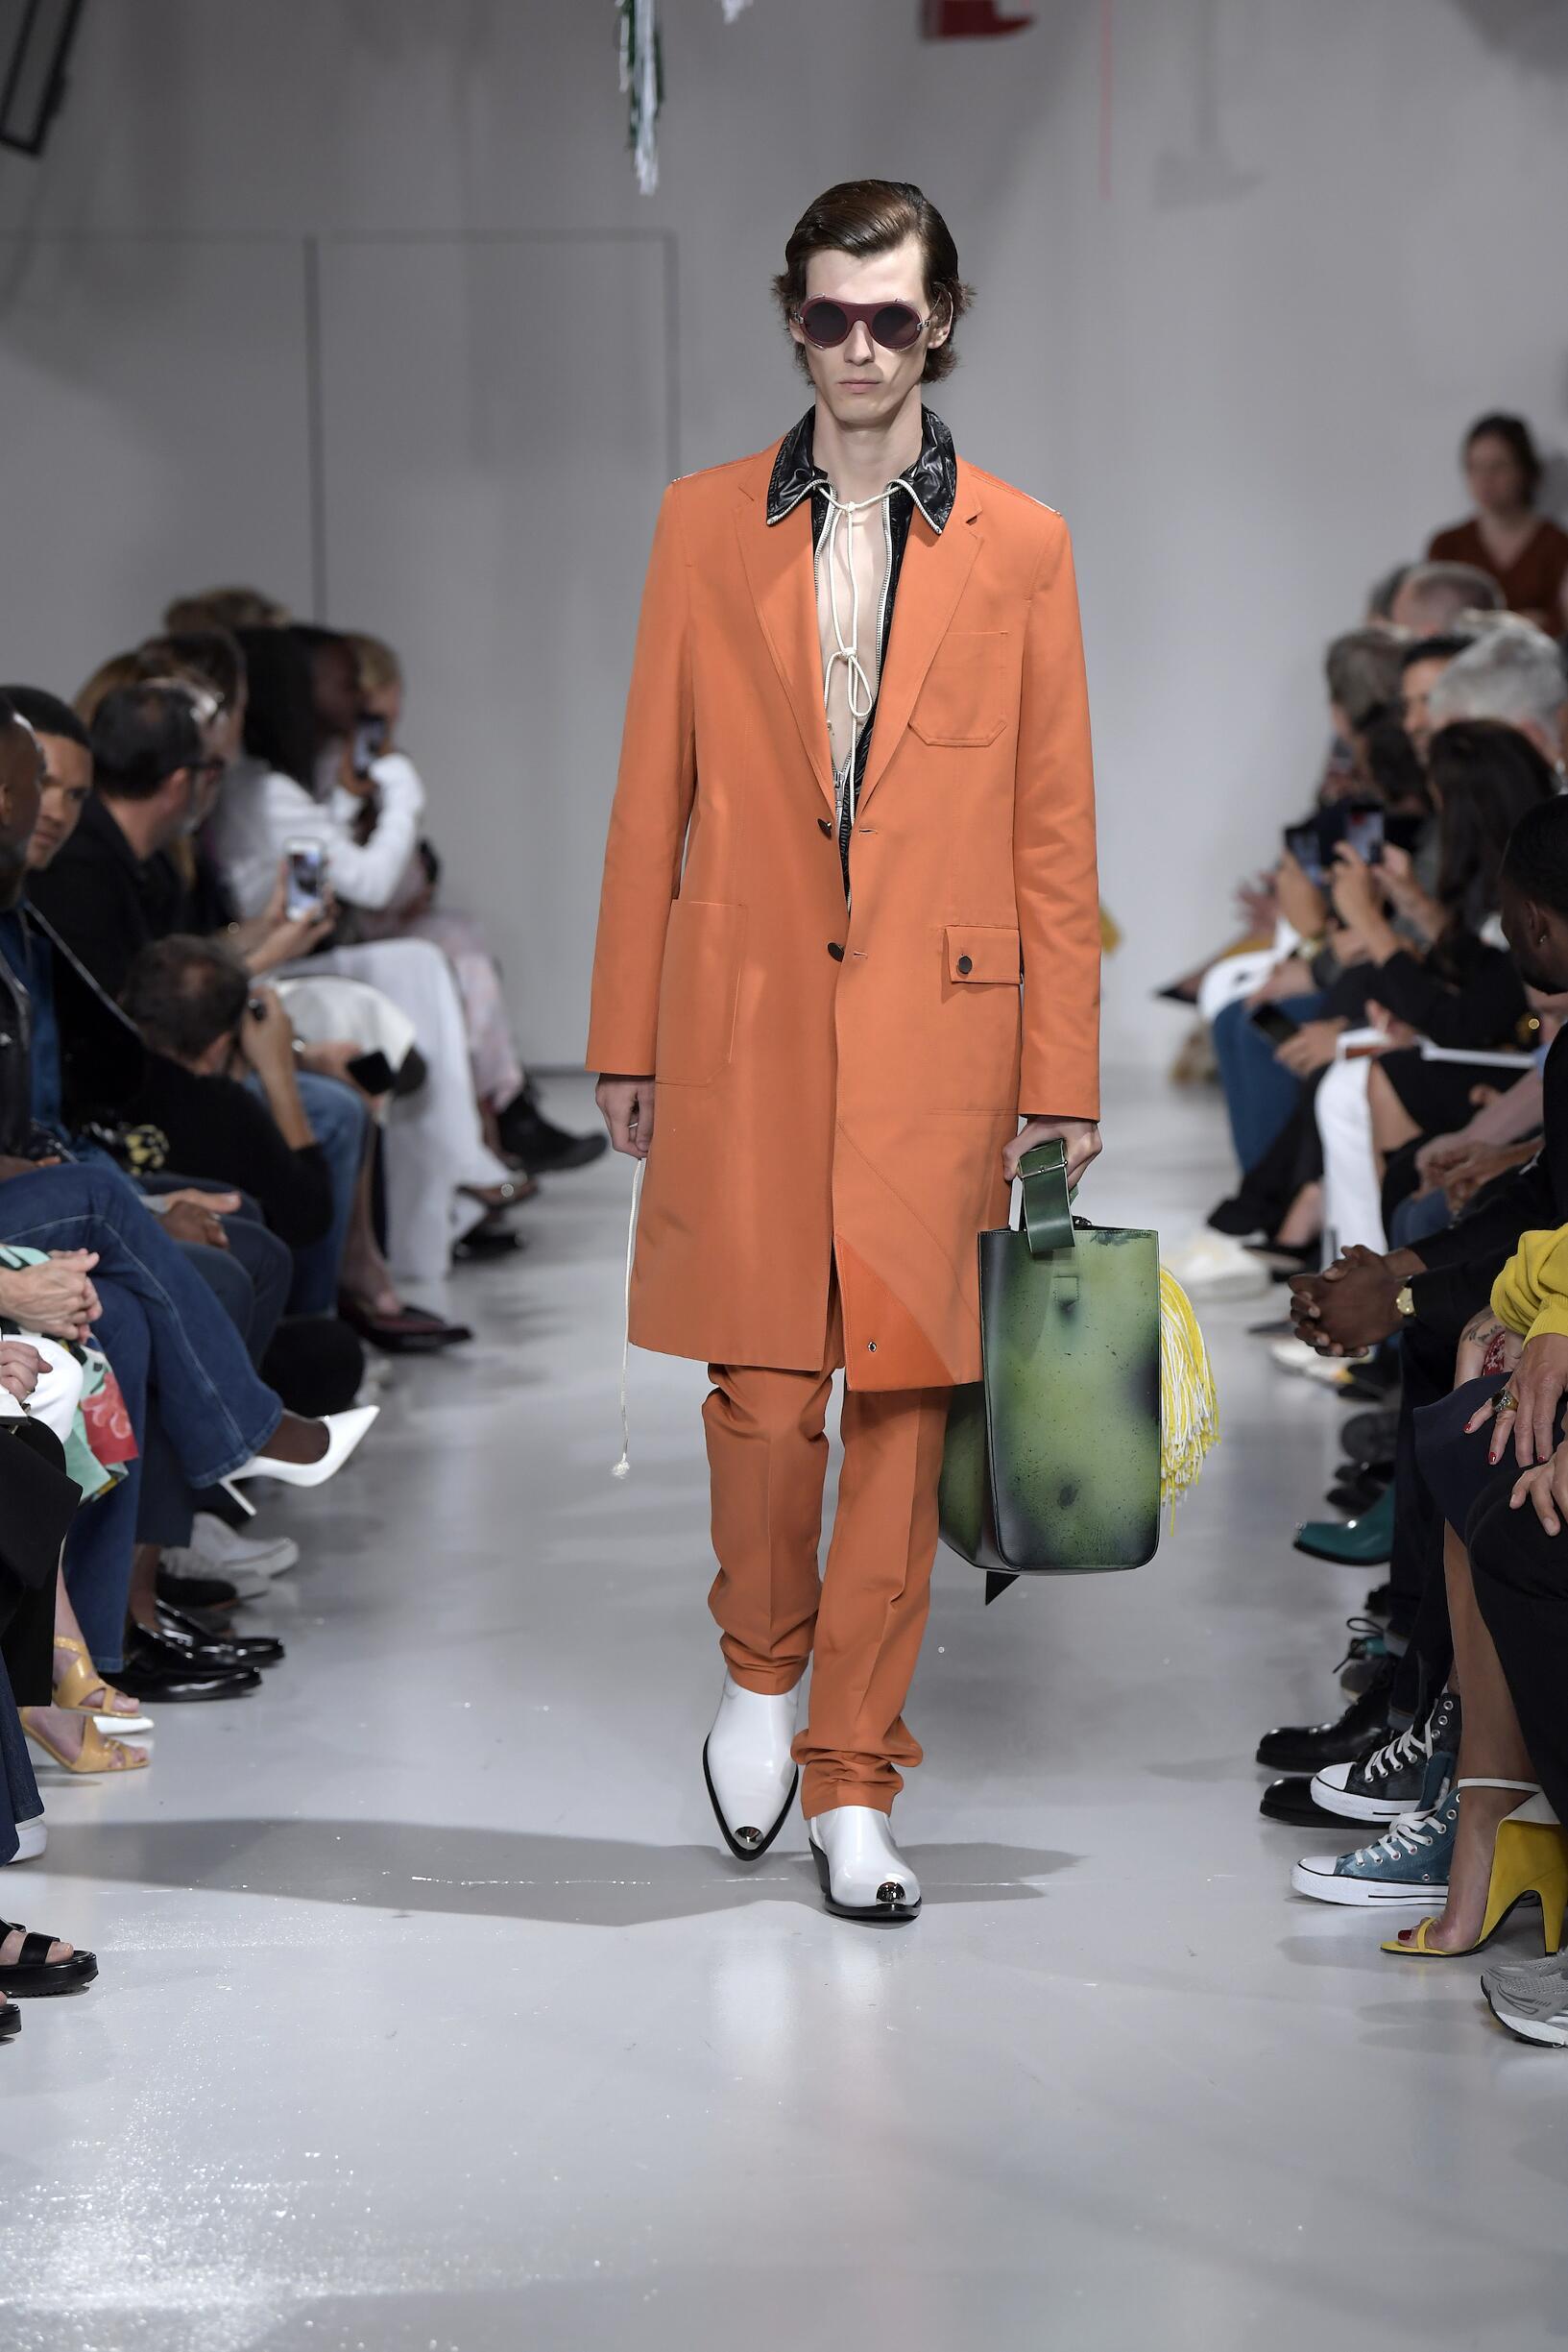 Menswear Summer Calvin Klein 205W39NYC 2018